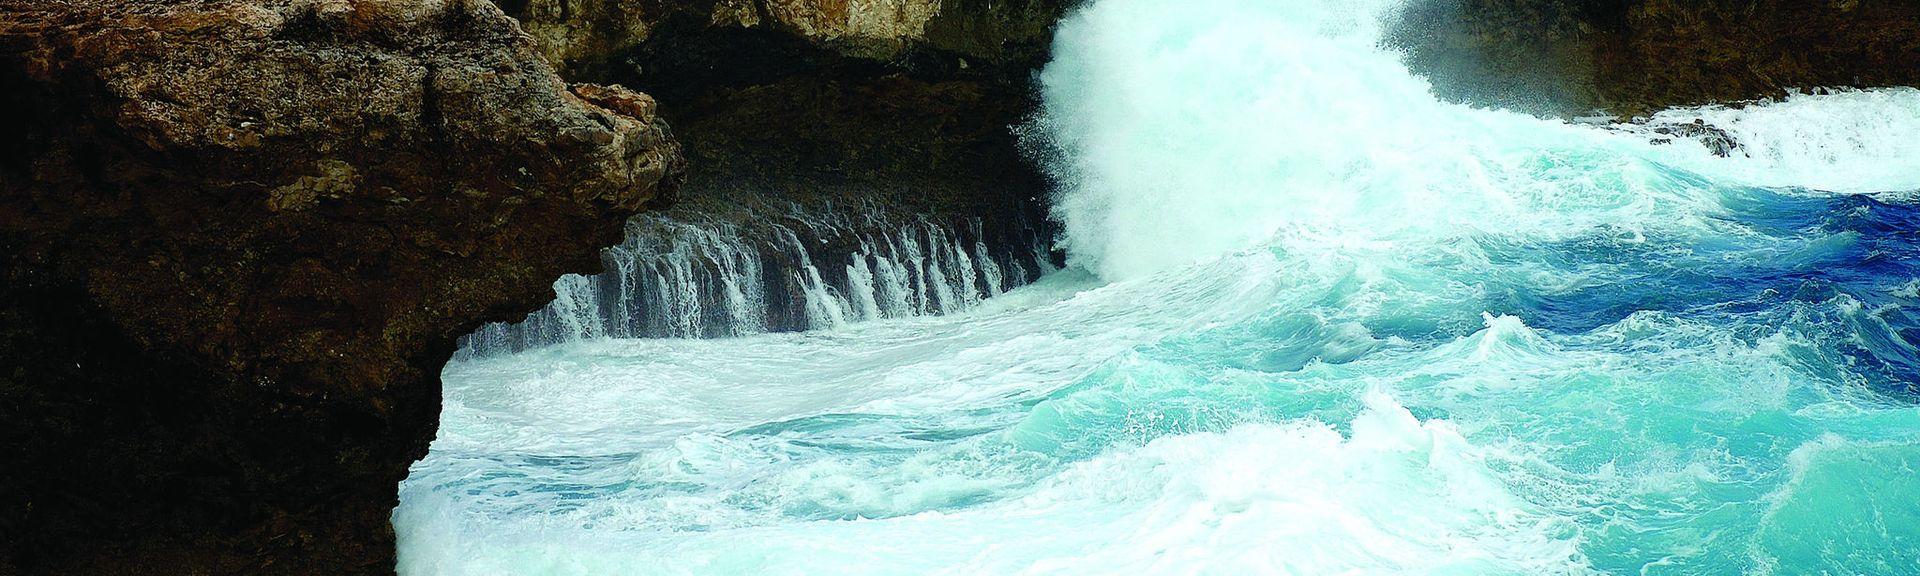 Hato, Kralendijk, Bonaire, Sint Eustatius and Saba